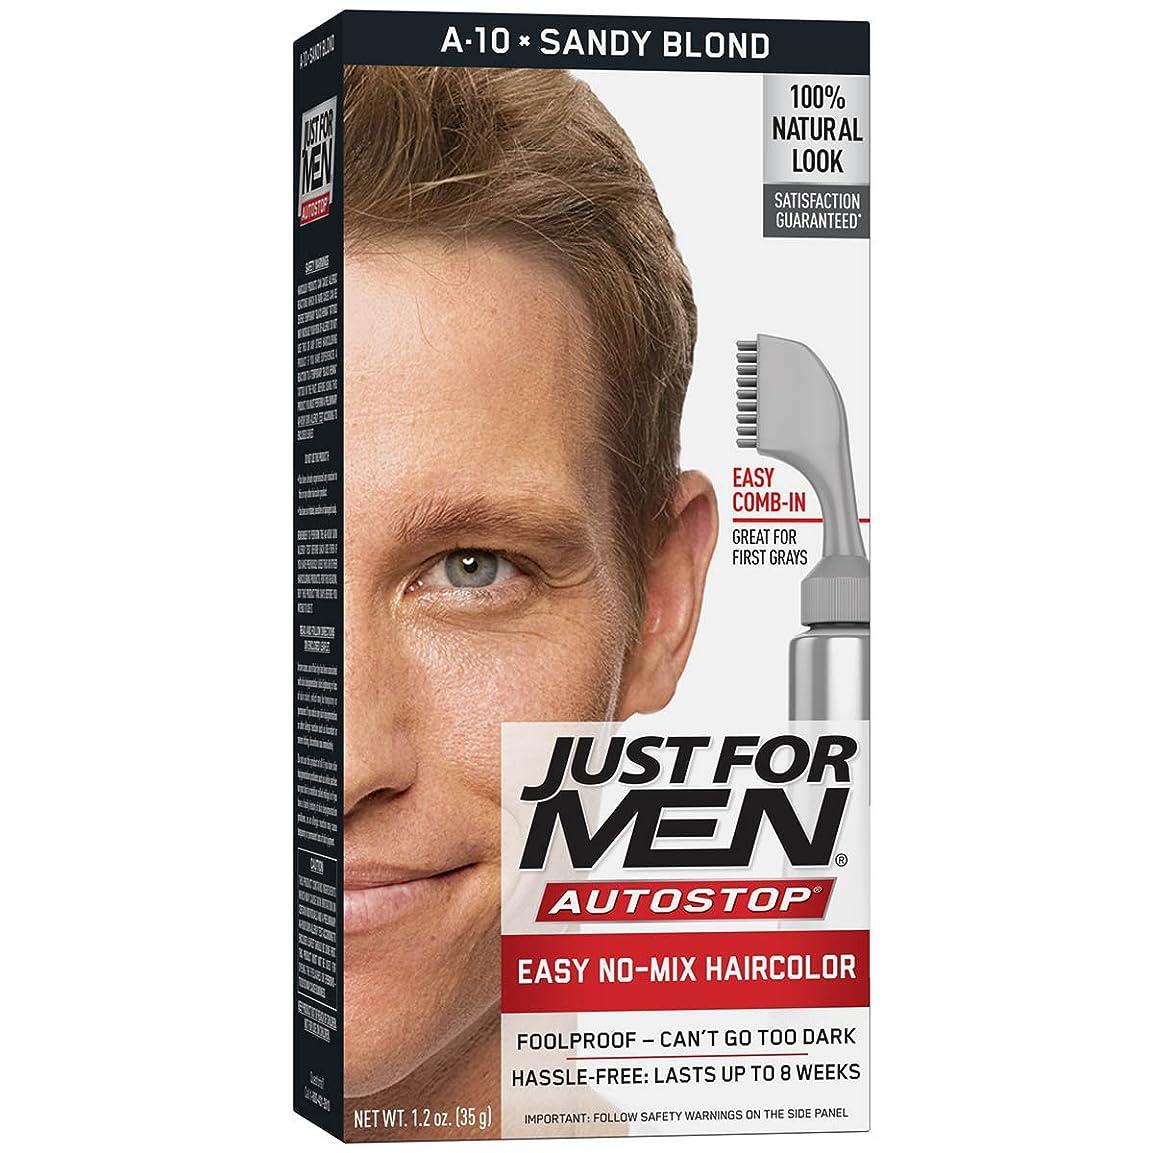 エトナ山接続詞ムスJust for Men AUTOSTOPメンズくしで髪の色、サンディブロンド